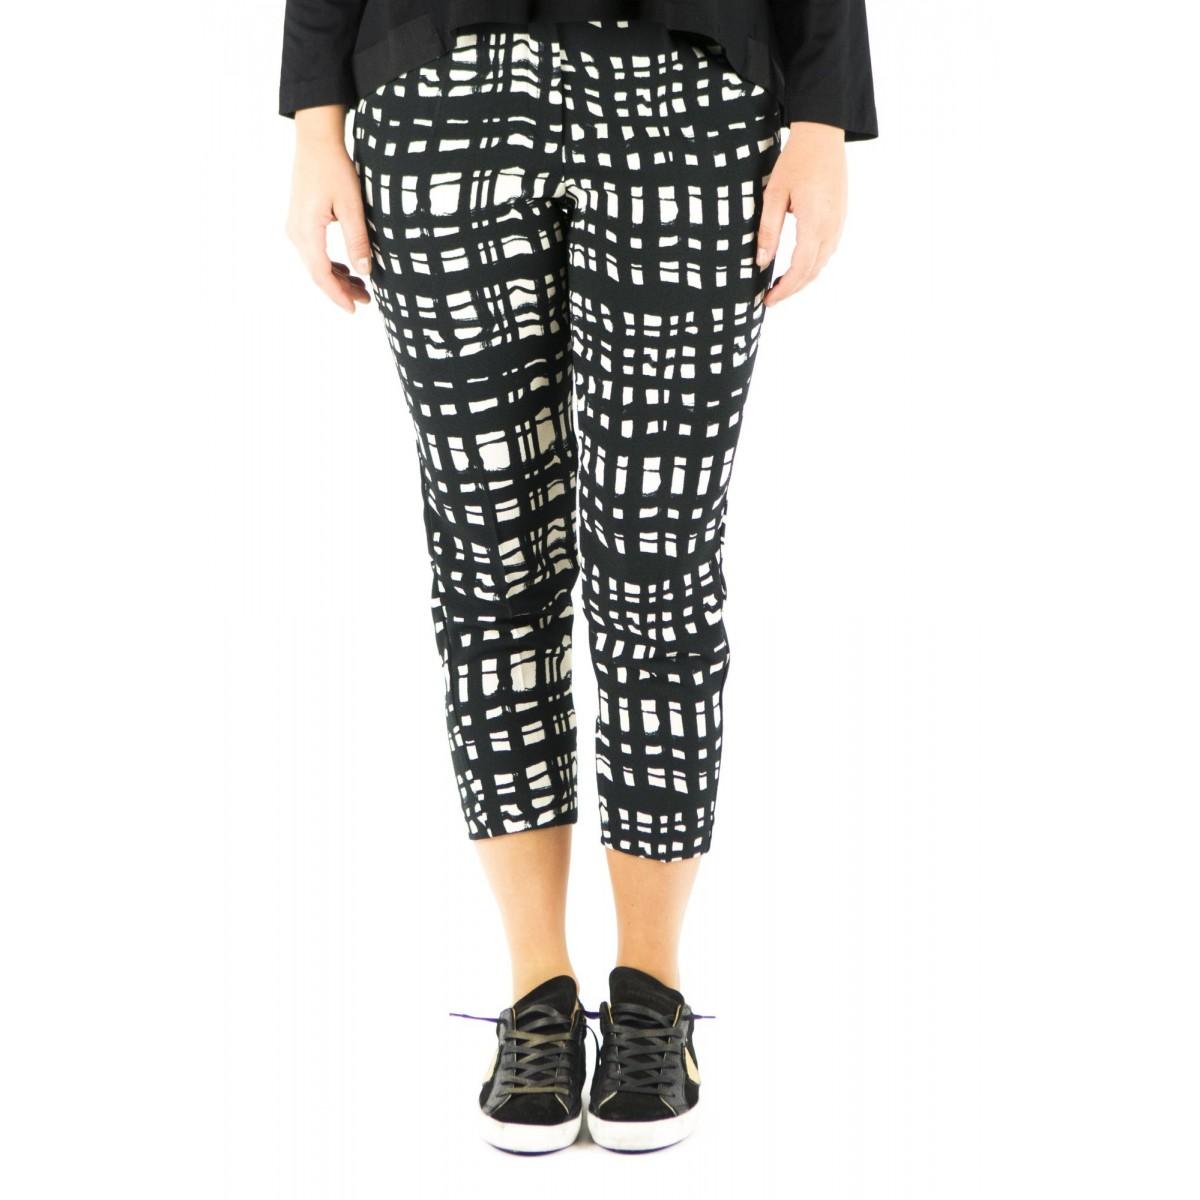 Pantalone Erika Cavallini - Semicouture - P5I059